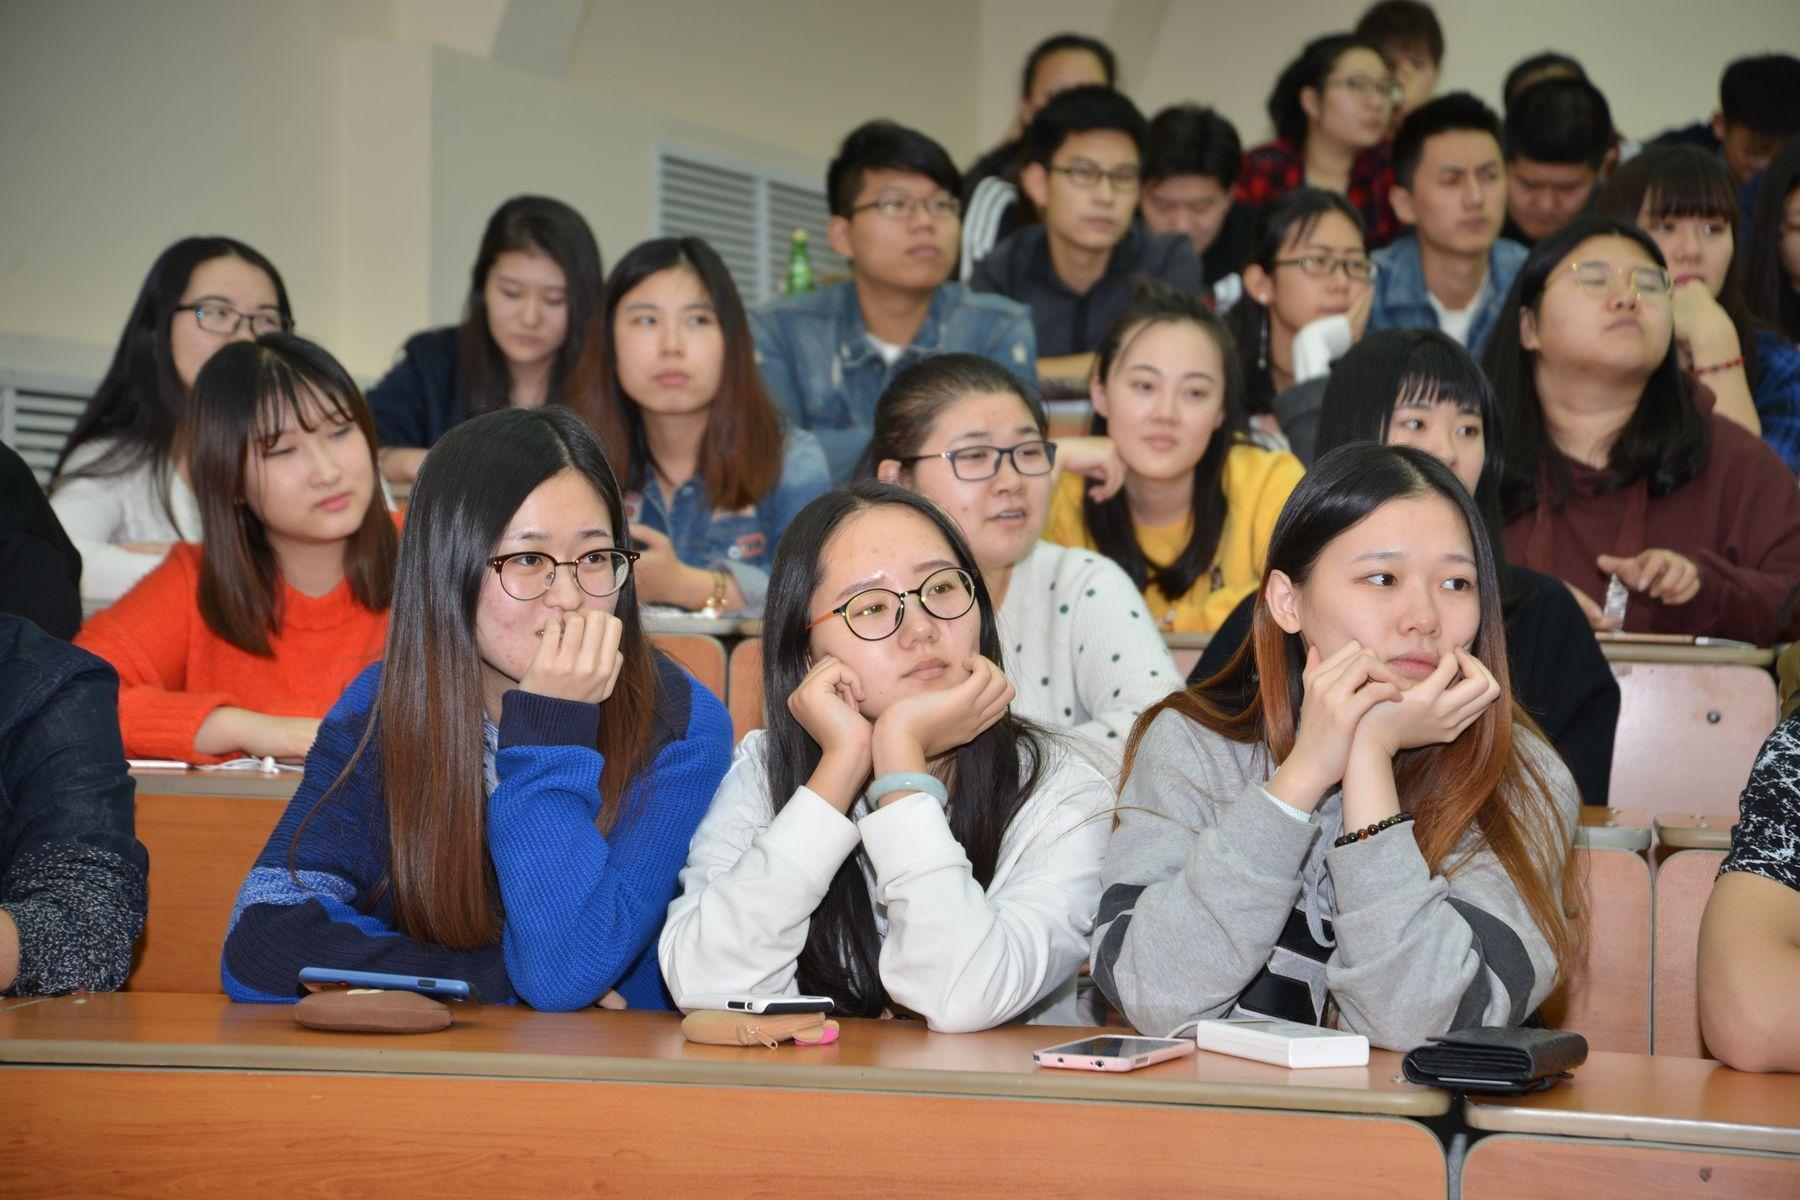 Ректор ВГУЭС Татьяна Терентьева: «Иностранные студенты обязаны знать русский язык»